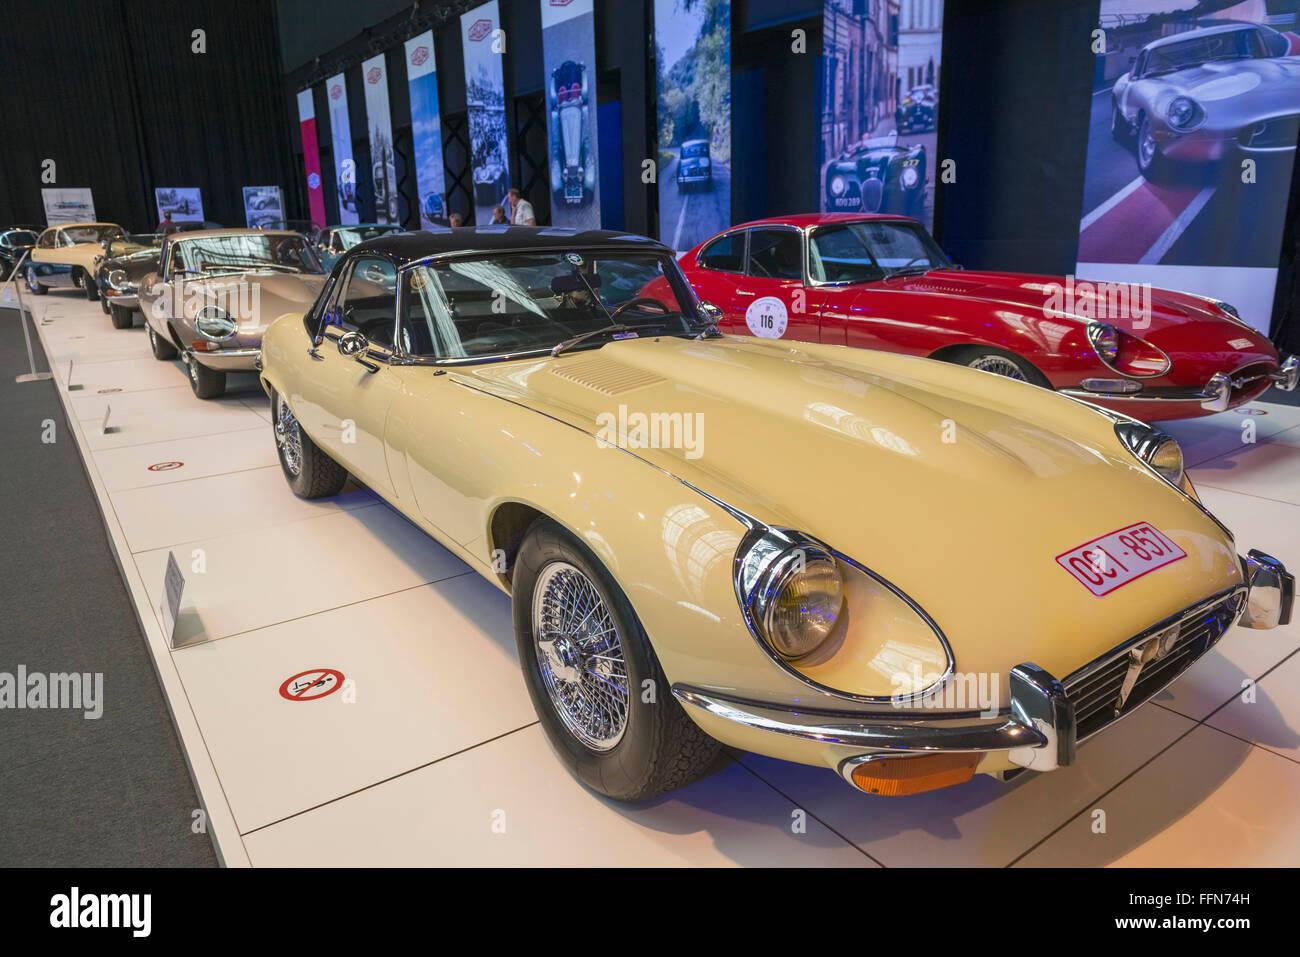 Coches clásicos dentro del Autoworld car museum, Bruselas, Bélgica, Europa Imagen De Stock